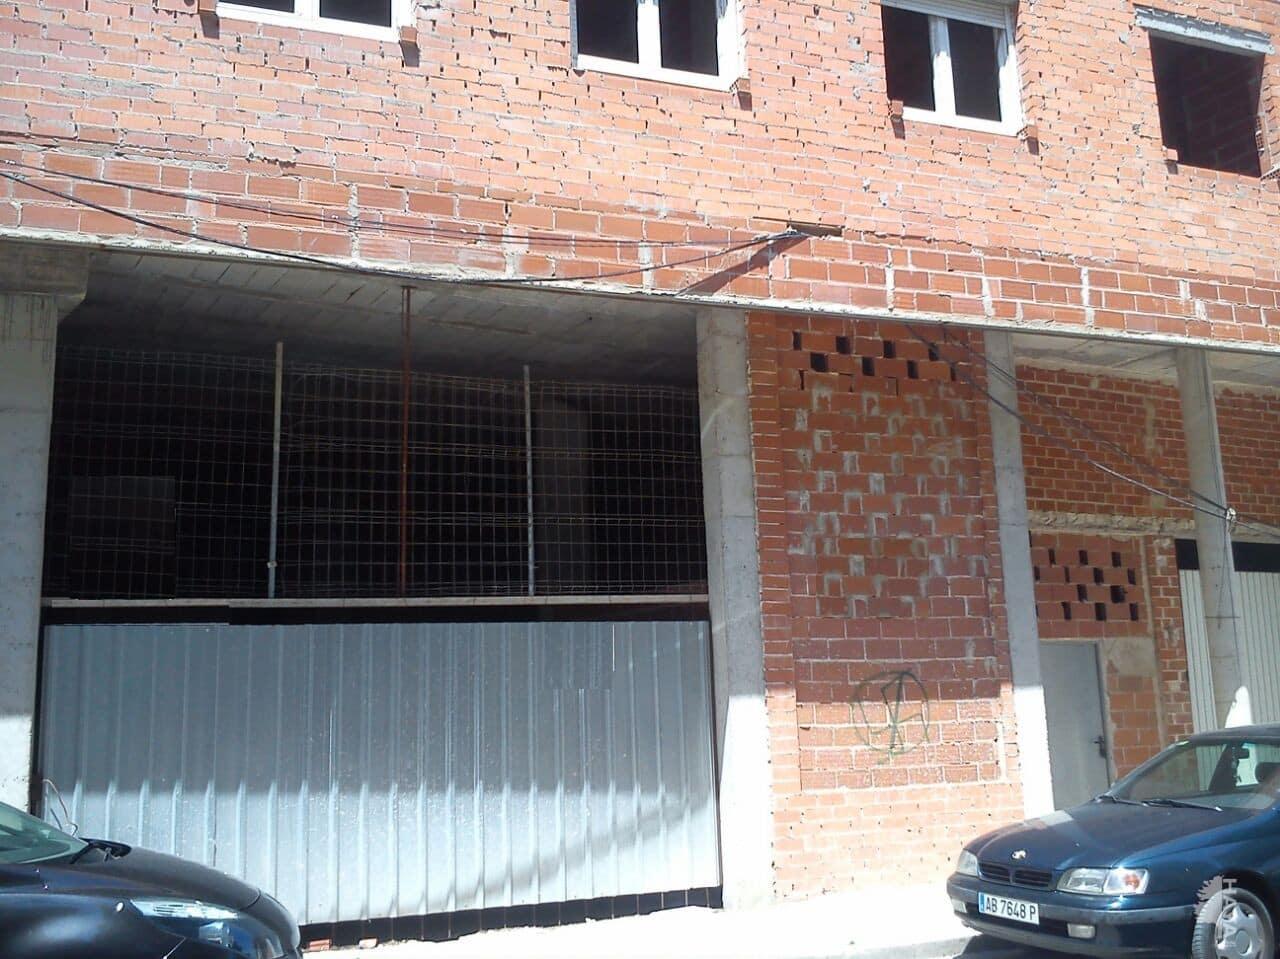 Piso en venta en La Roda, la Roda, Albacete, Calle Juan Garcia Glz, 58.900 €, 1 habitación, 1 baño, 135 m2